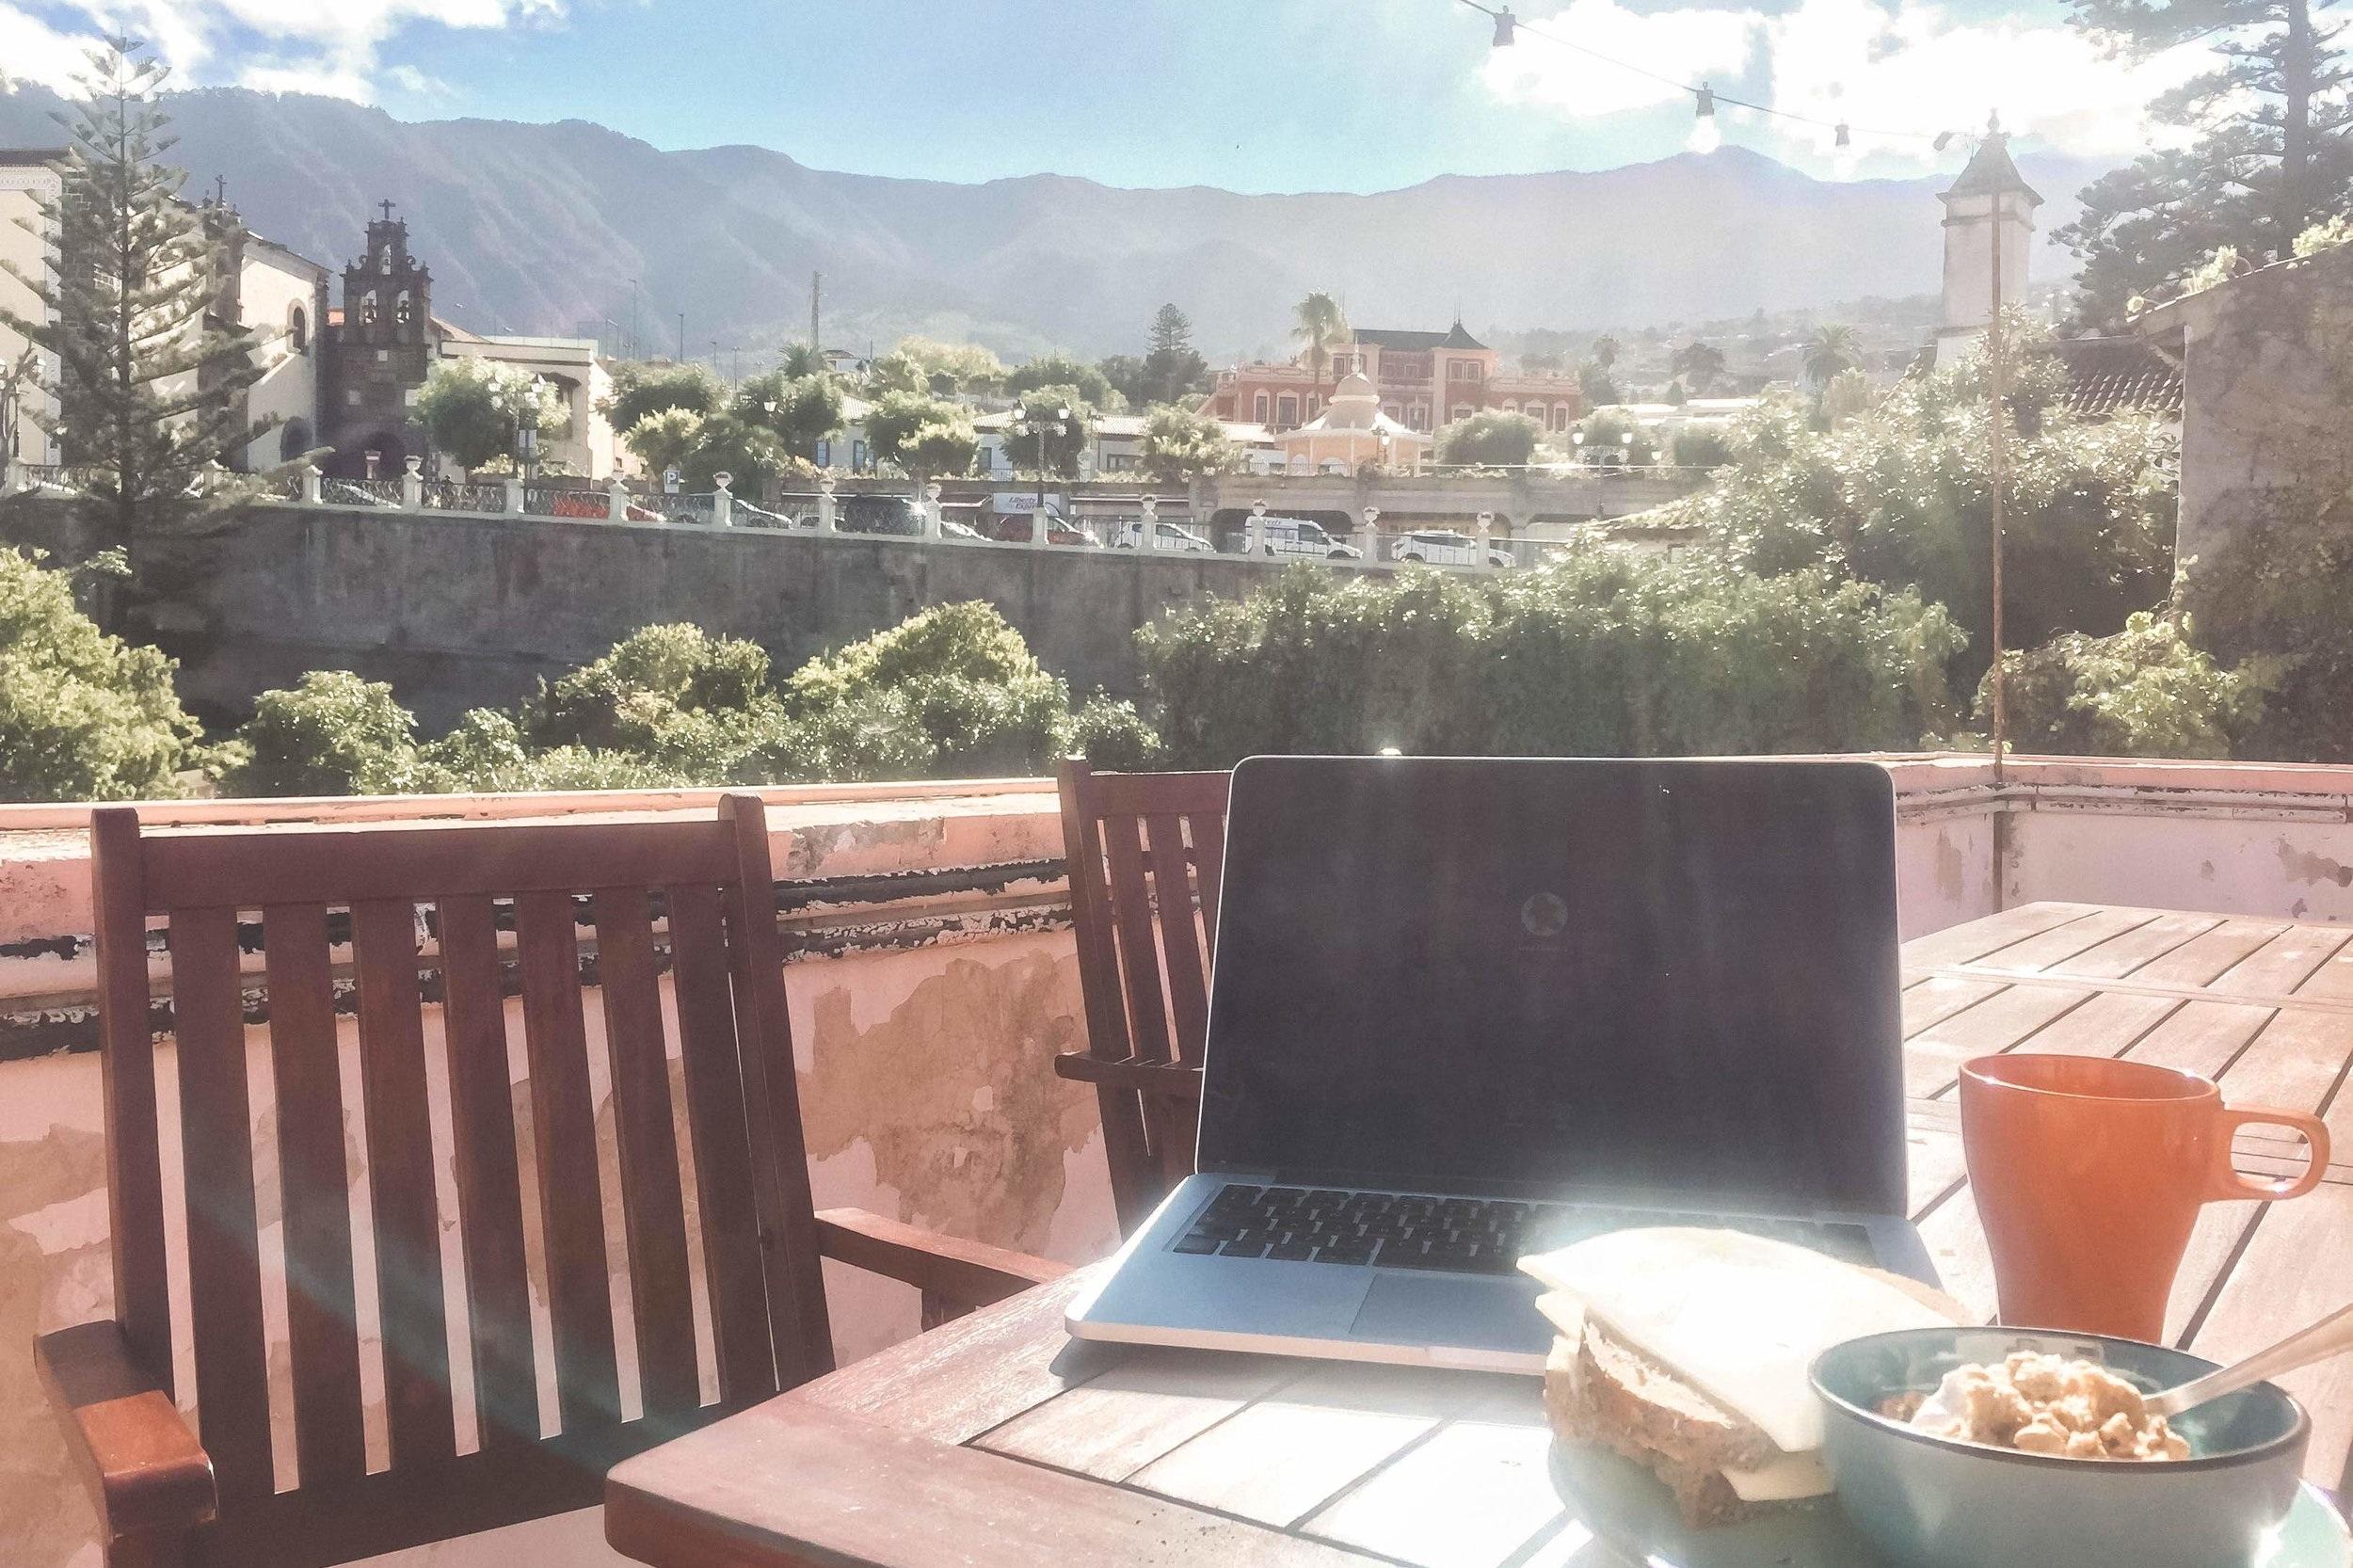 work-rooftop-nine-coliving (1 of 1) (1).jpg